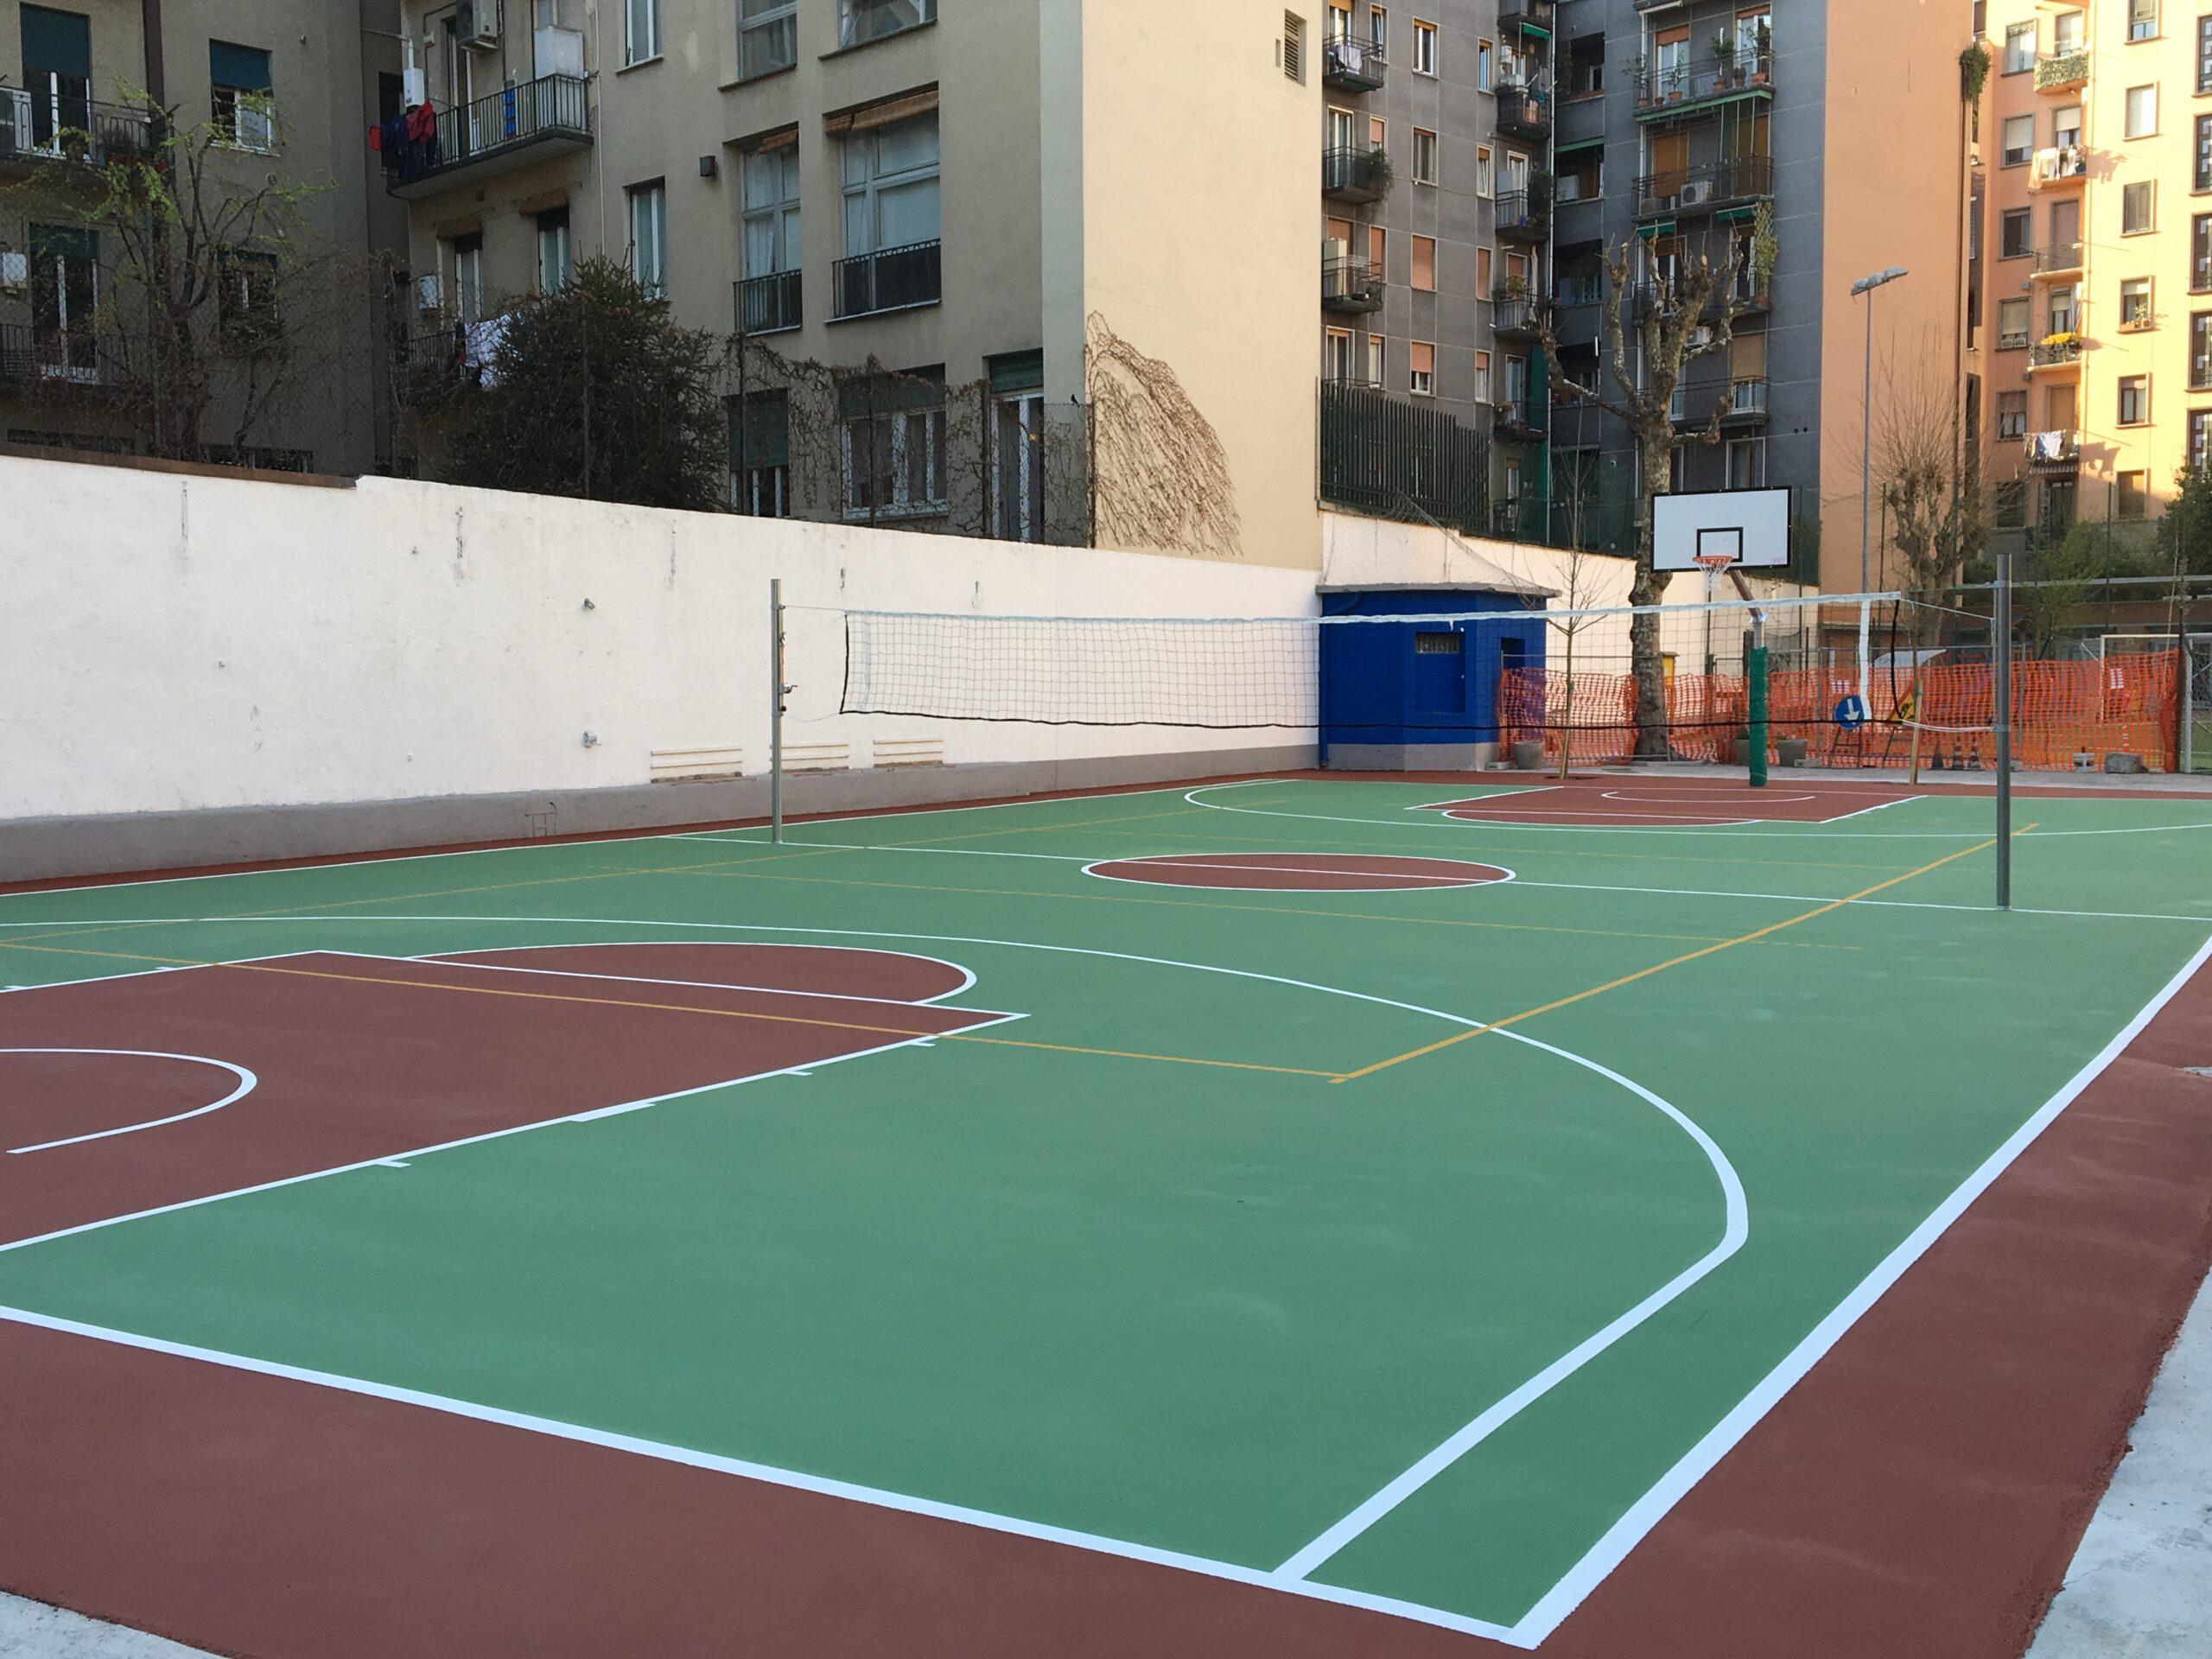 8. Realizzazione nuovo campo sportivo con campo da pallacanestro, campo da pallavolo e accessori (rete pallavolo, canestro basket): vista lato palazzi a lavori ultimati.